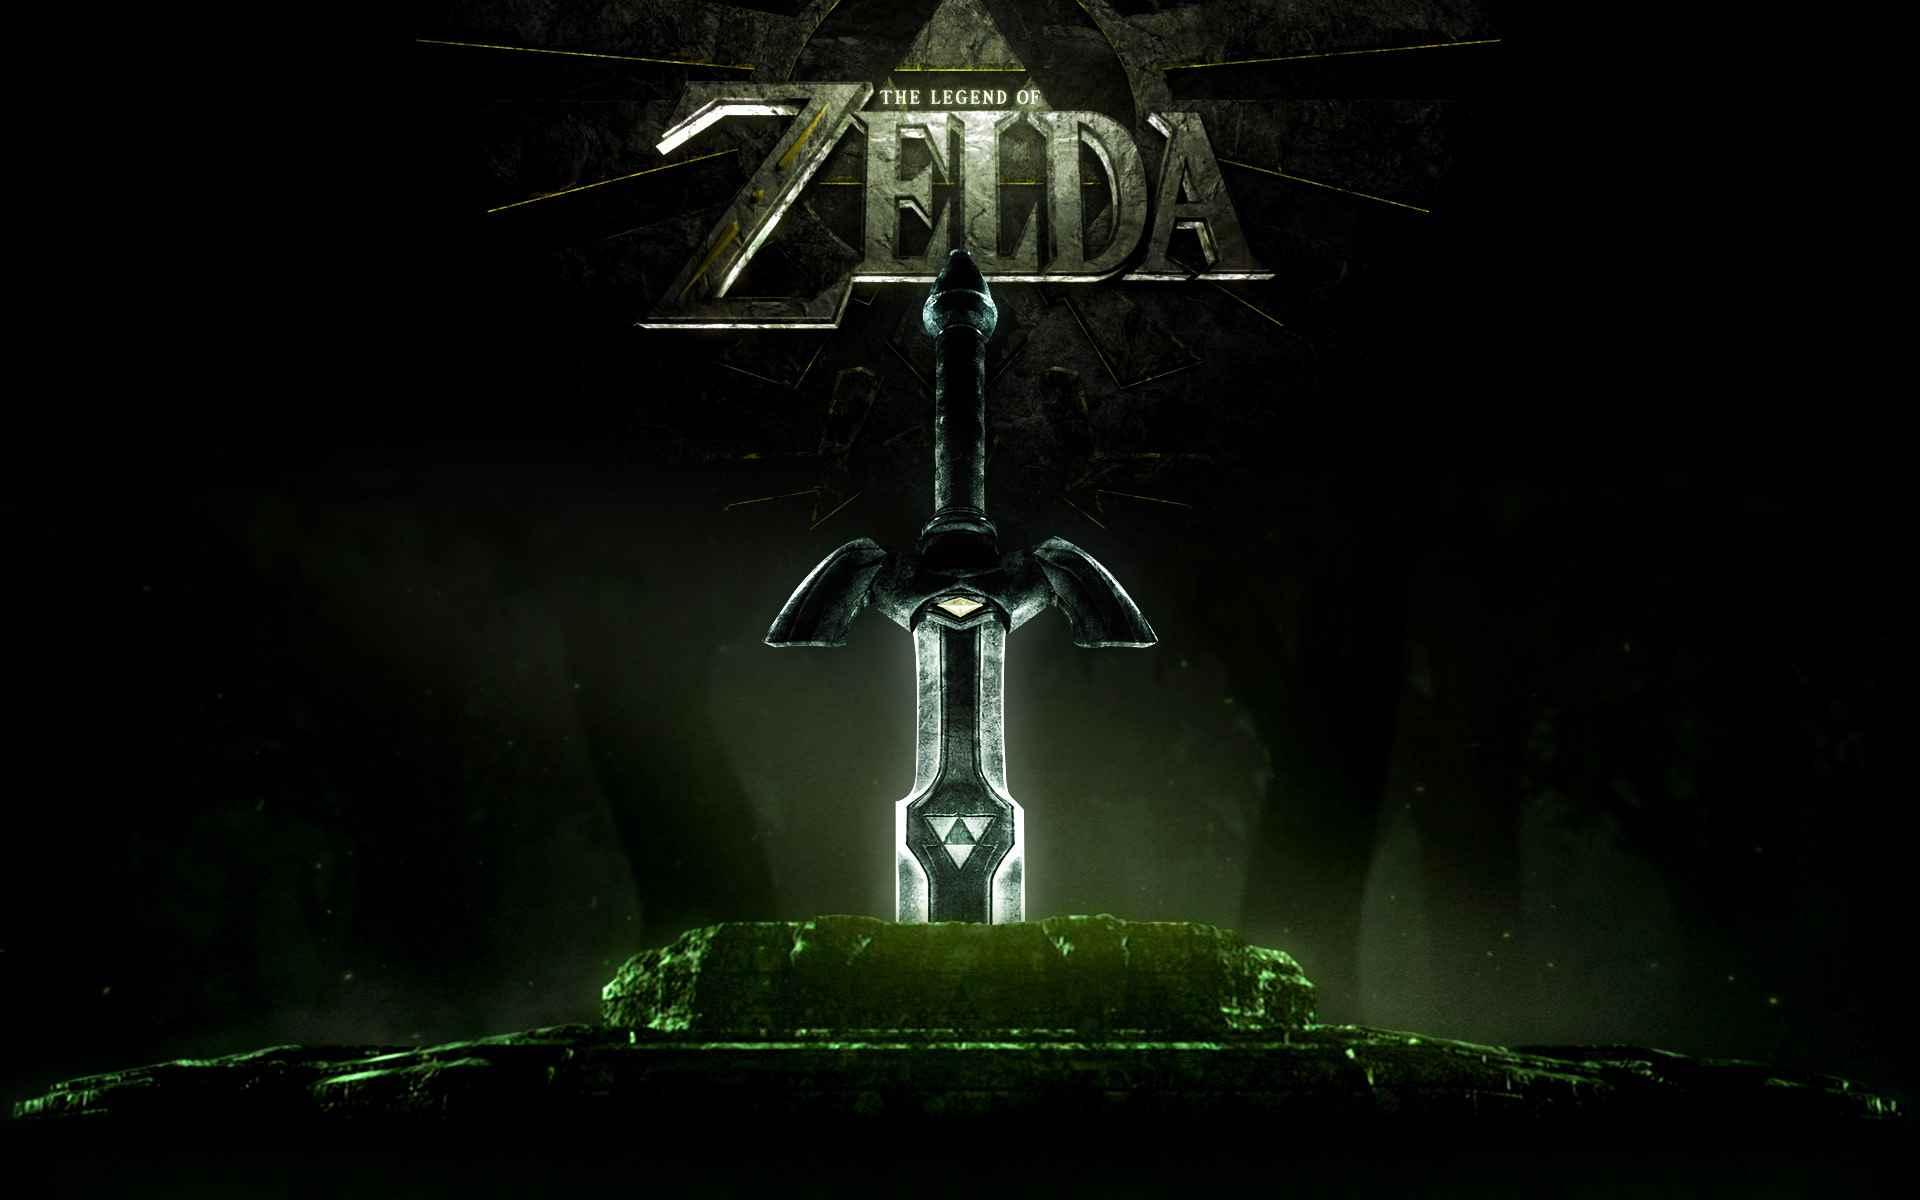 Master-Sword-Wallpaper-the-legend-of-zelda-2832786-1920-1200